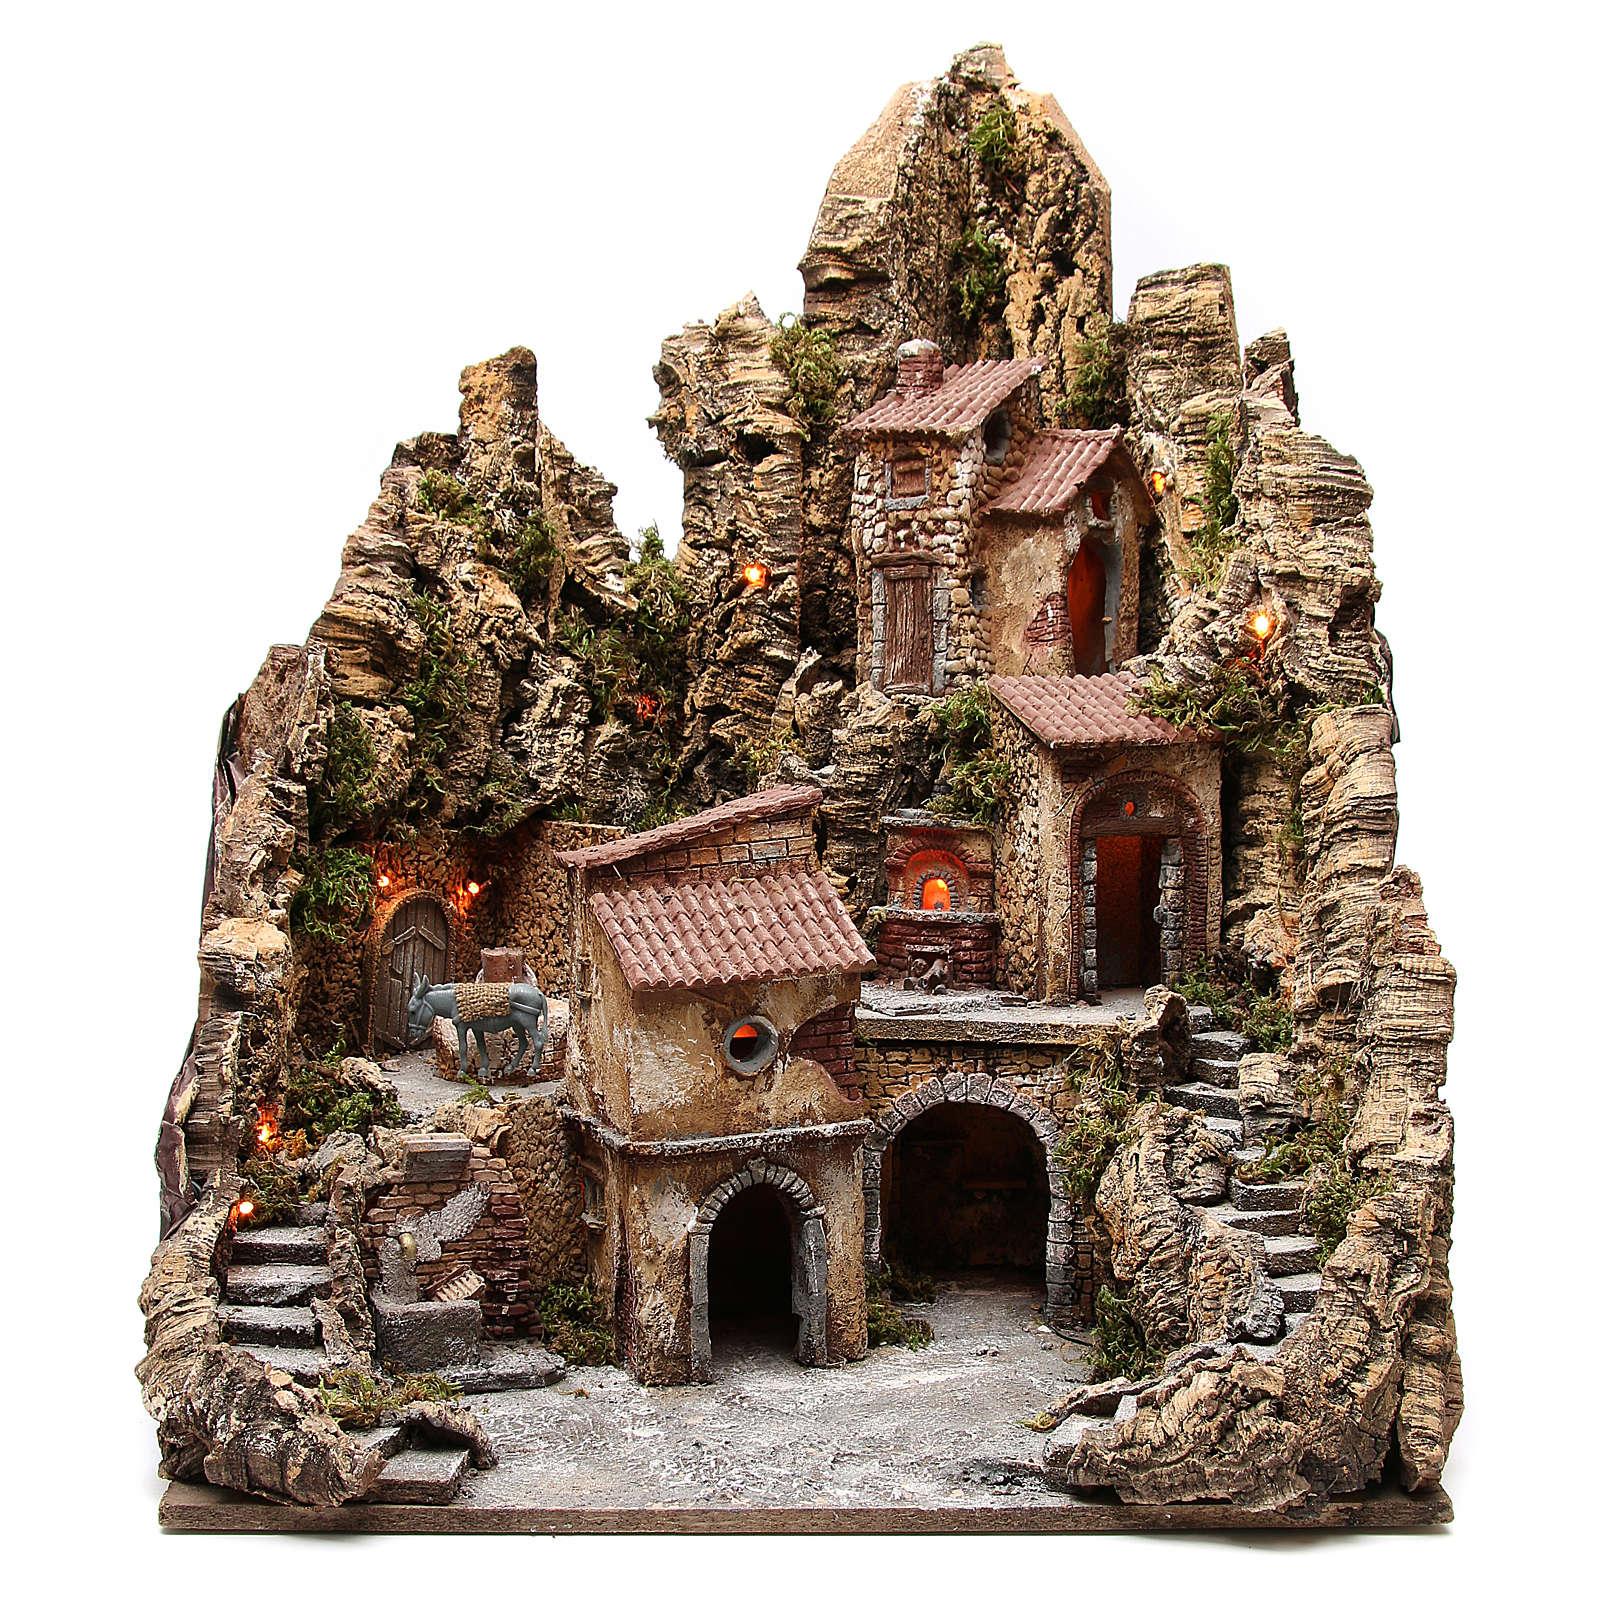 Borgo presepe illuminato con capanna ruscello forno 80x62x58 cm 4